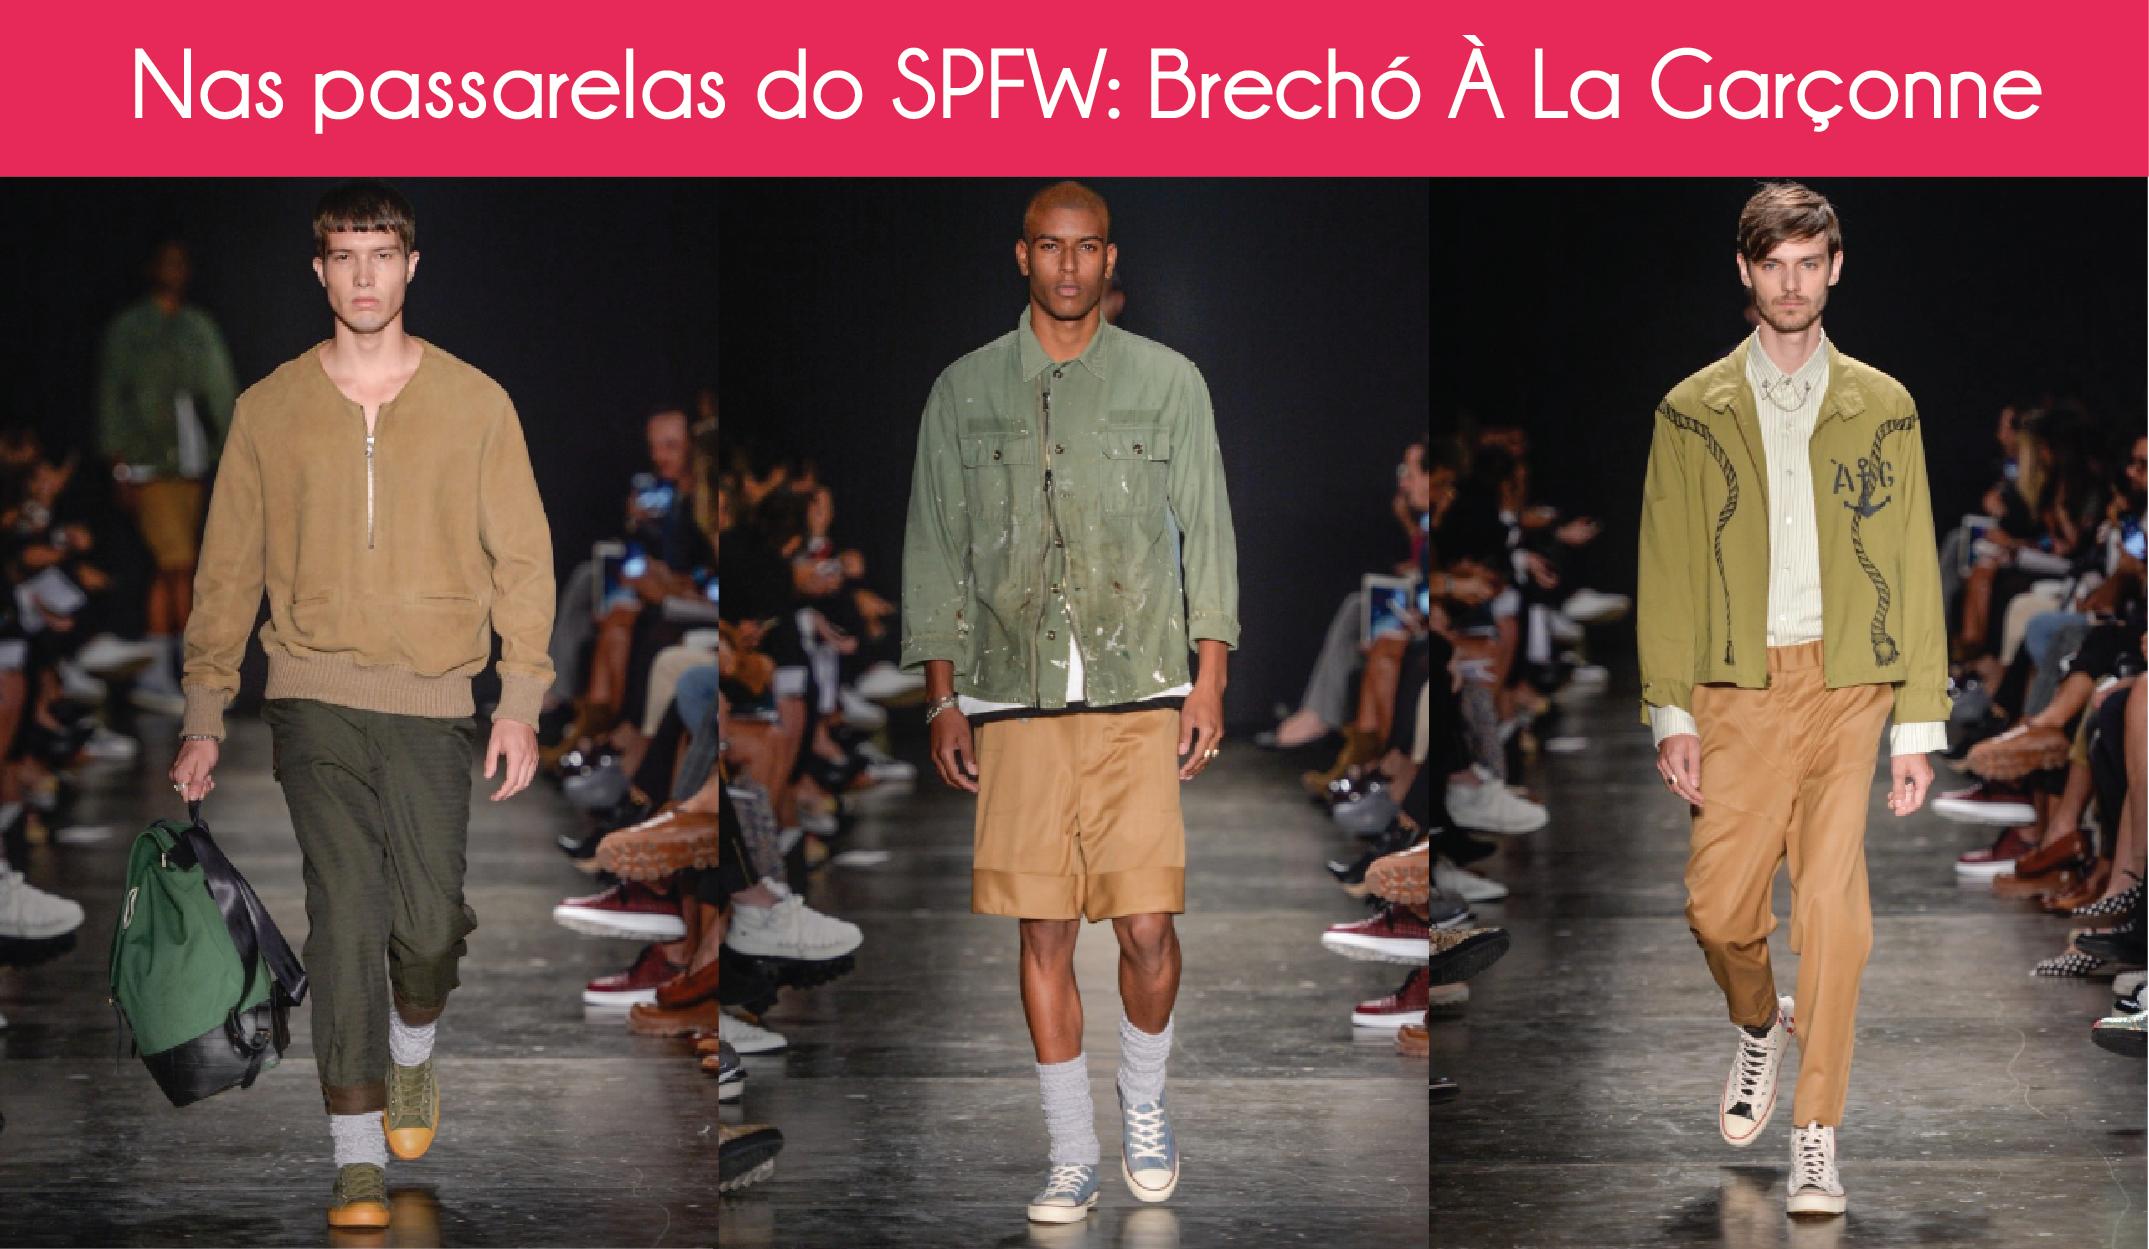 be1c78deb51 3-spfw-n-41-tendencia-vintage-retro-moda-passarela-brecho-a-la ...